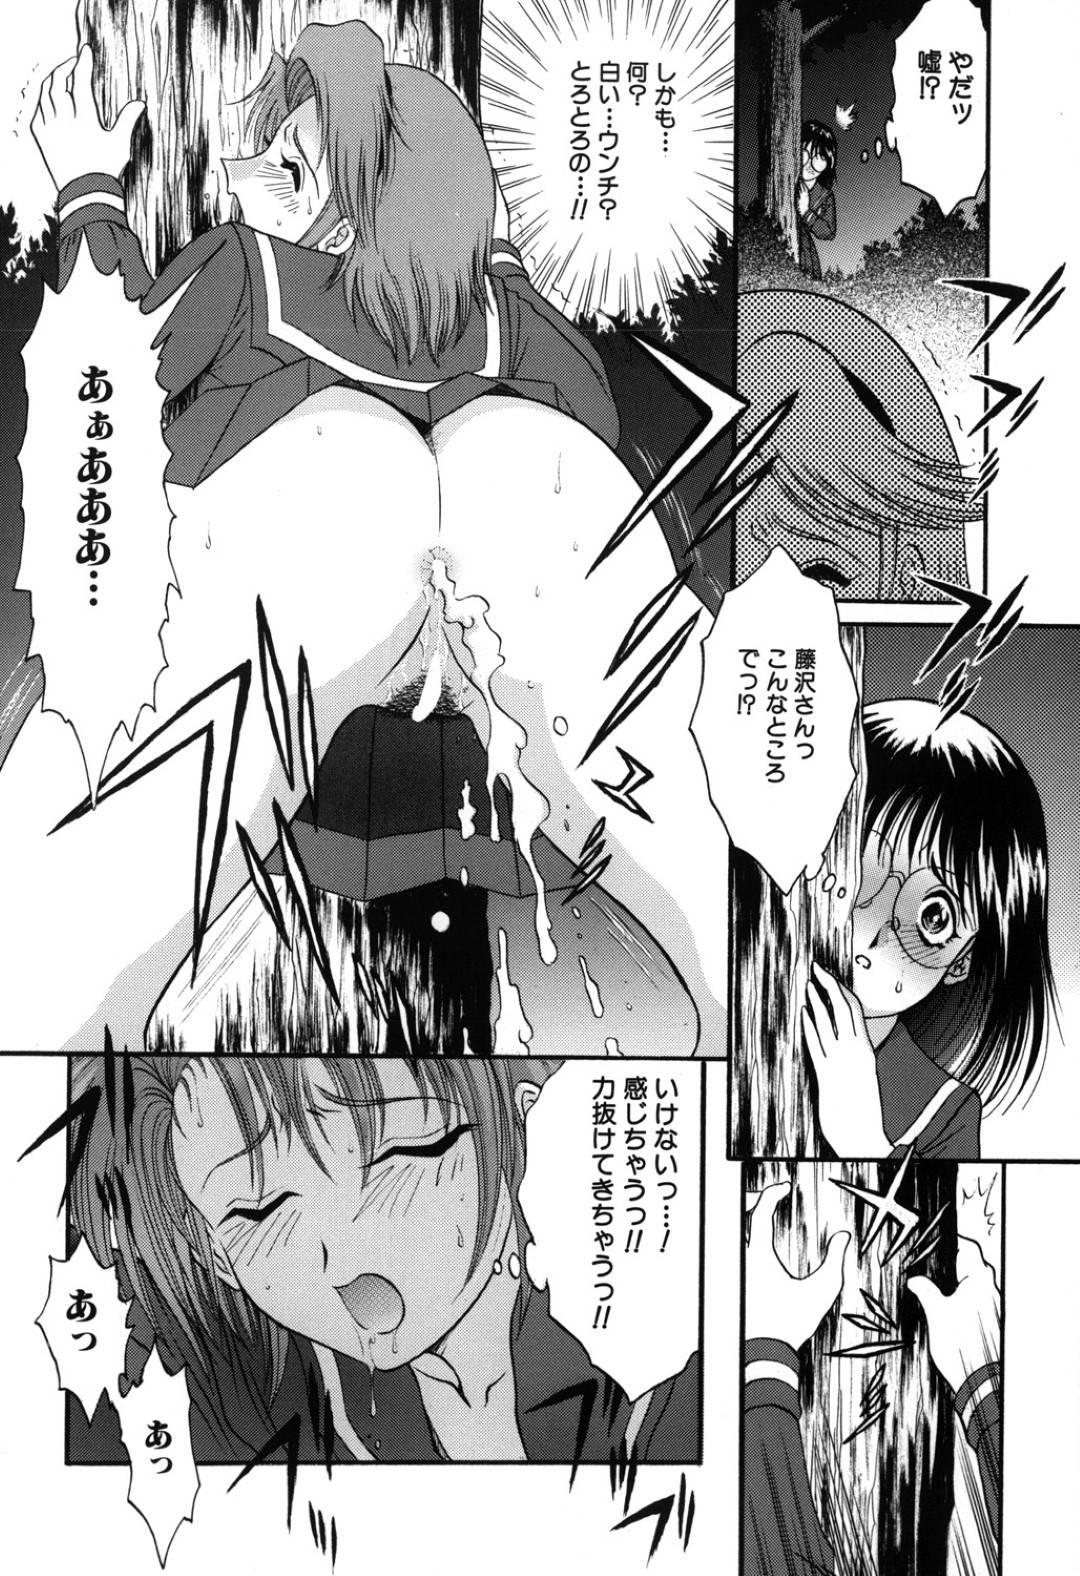 【エロ漫画】彼氏の男性教師にアナルパールを着けられていたJK彼女…1日着けて外す瞬間に絶頂してしまうほどアナル調教されている彼女は今日も処女を卒業できずにアナルセックスをする!【YASKA】